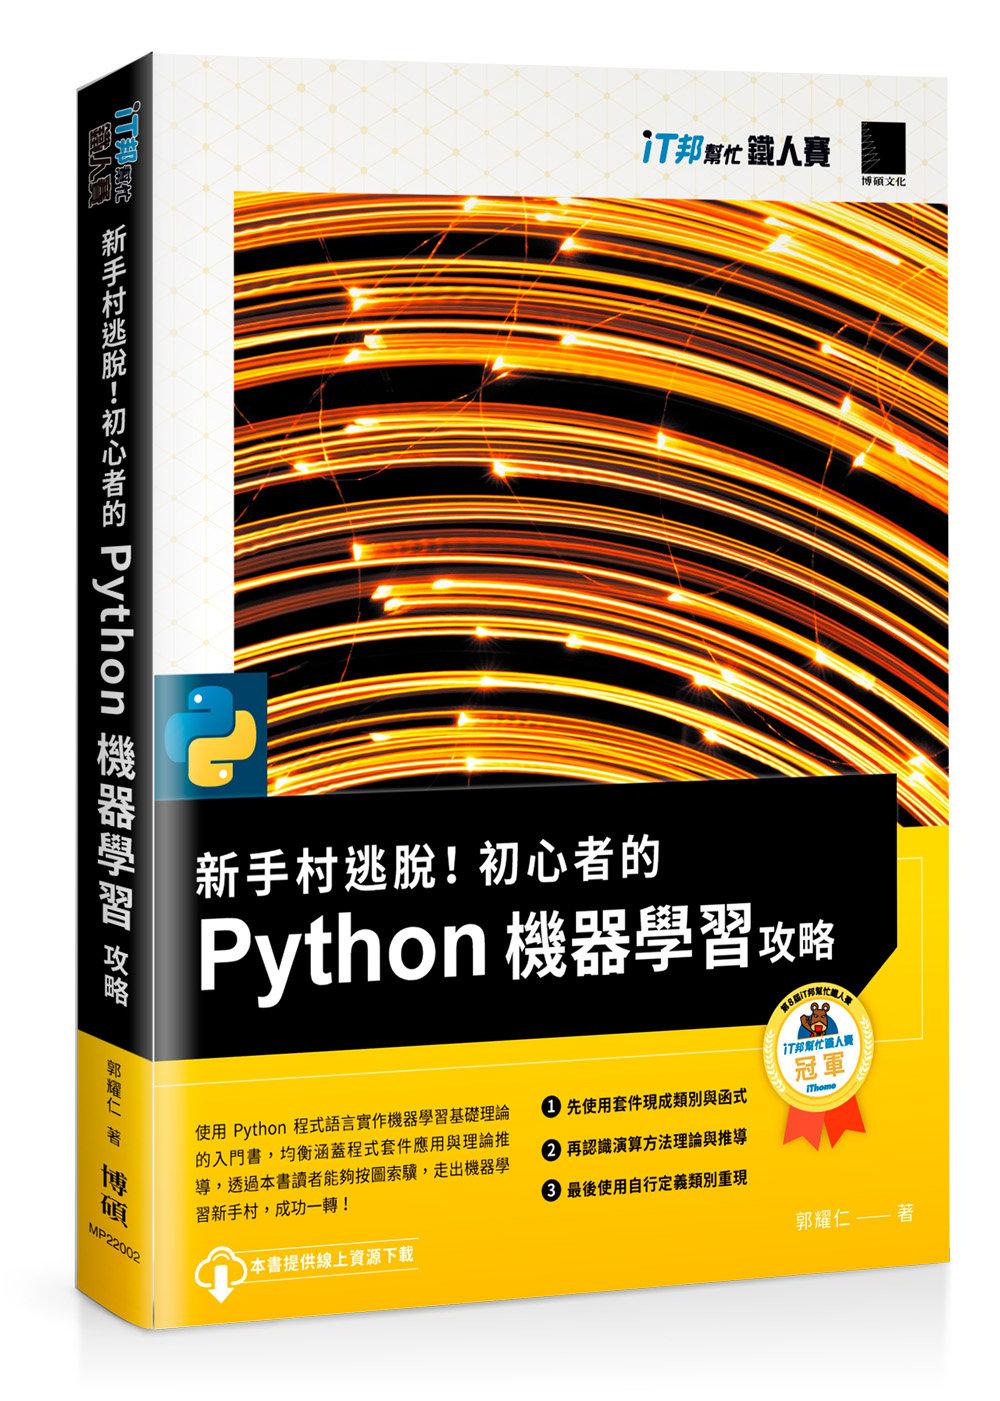 新手村逃脫!初心者的 Python 機器學習攻略(iT邦幫忙鐵人賽系列書)-preview-1